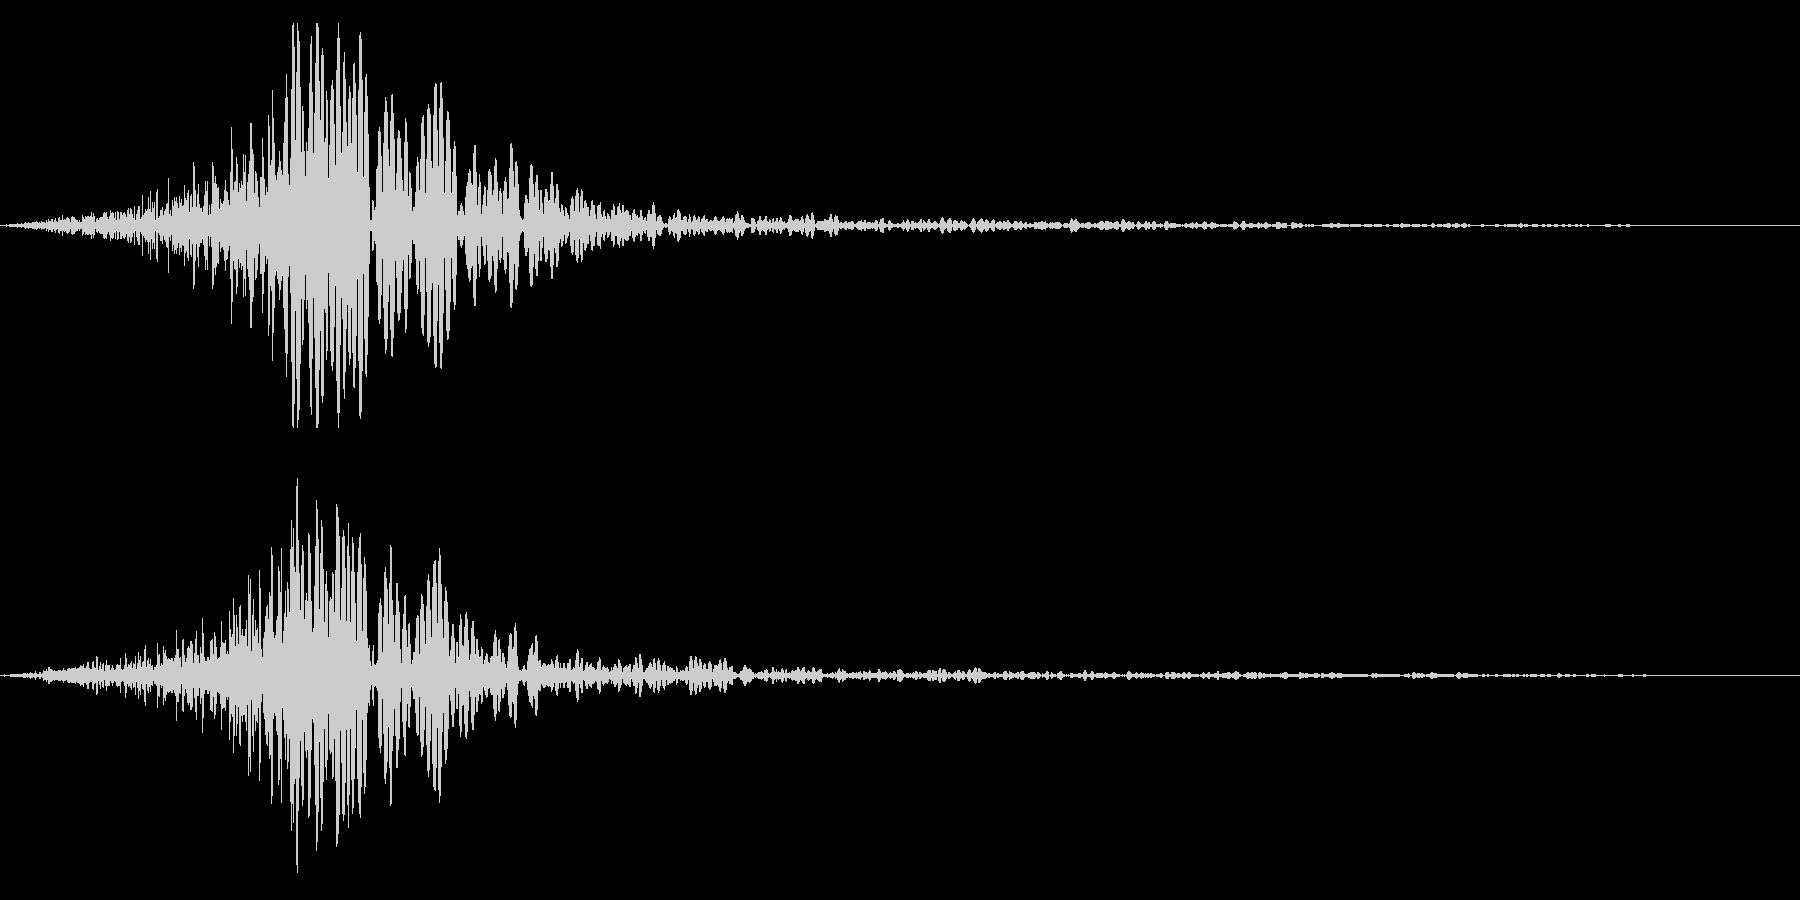 ホラー系アタック音93の未再生の波形